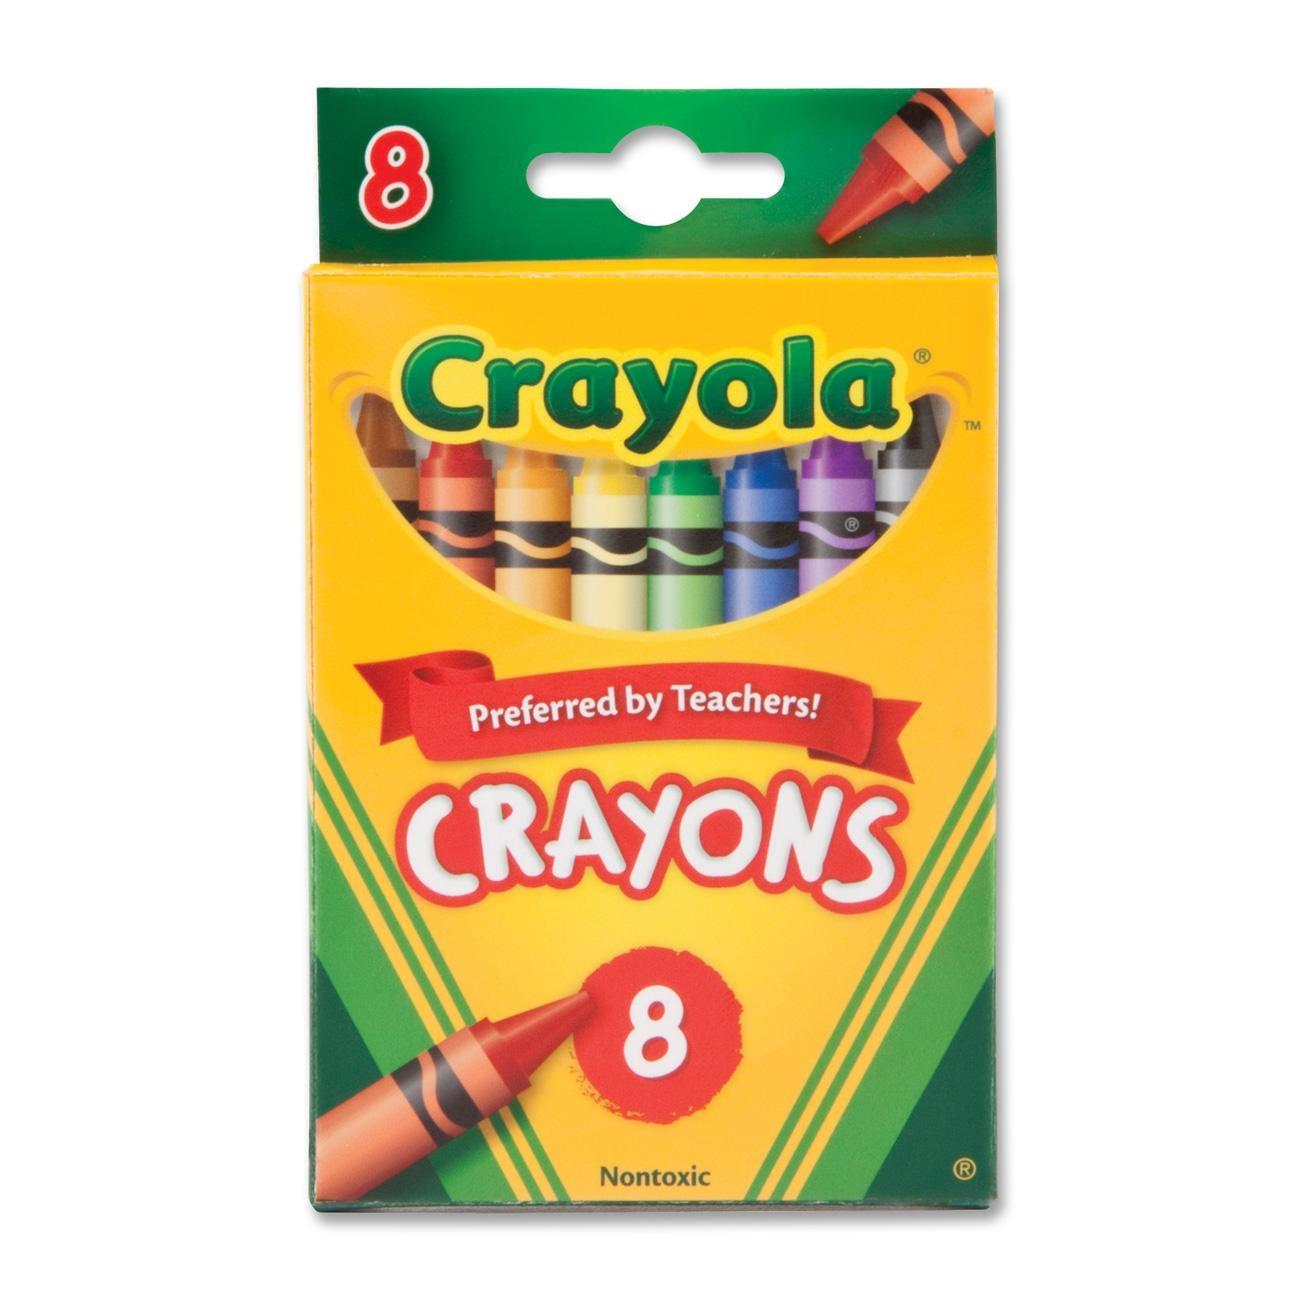 crayola20crayons20box